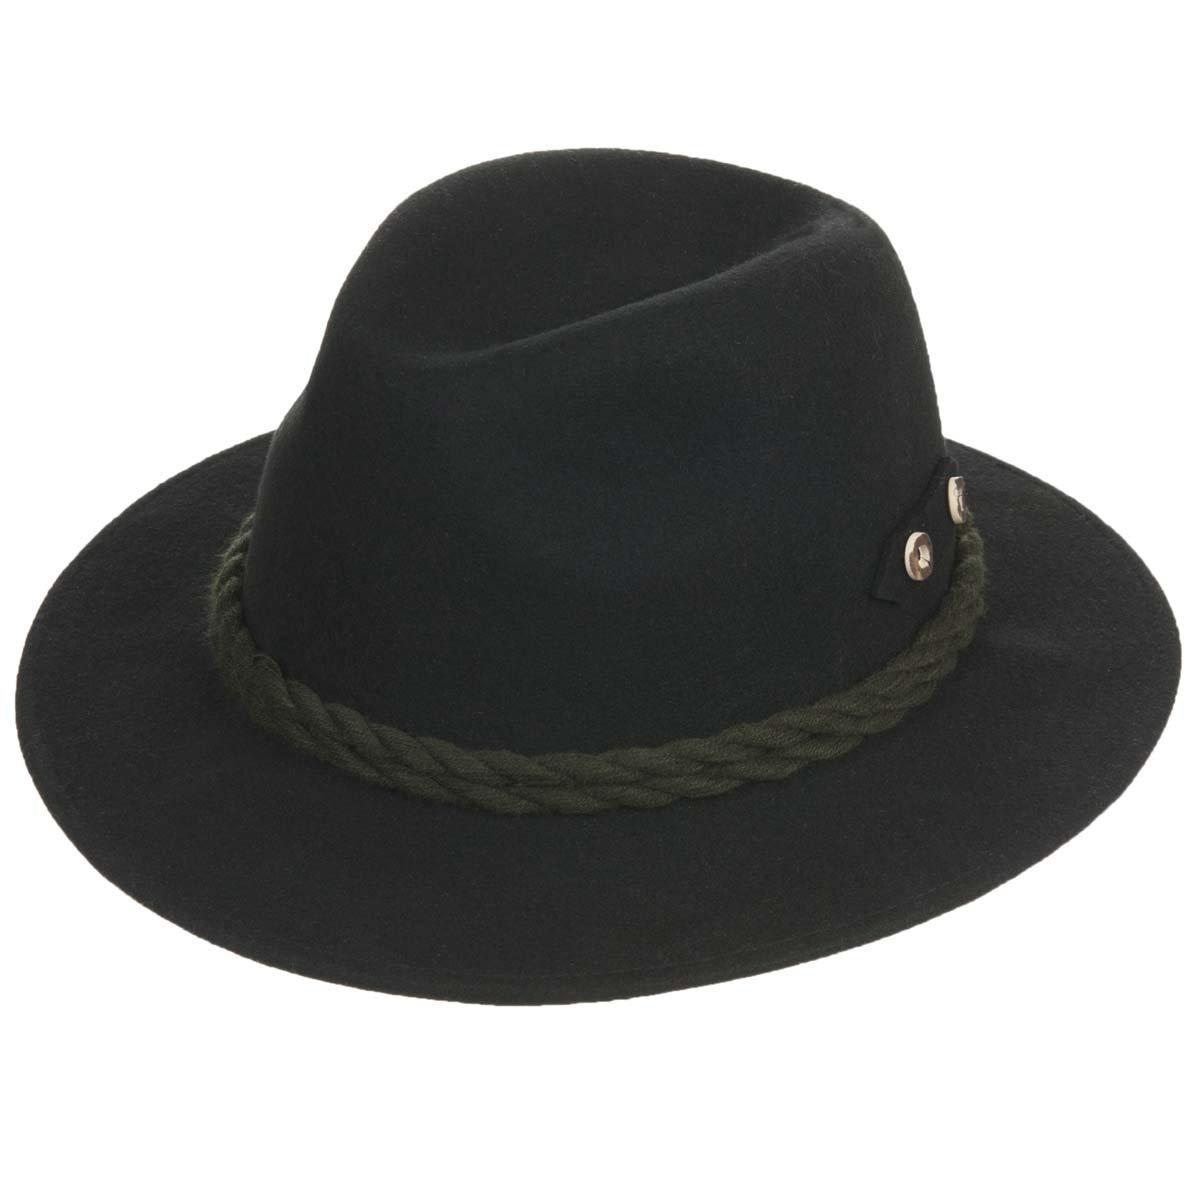 Rustic style hat e6698083b89e